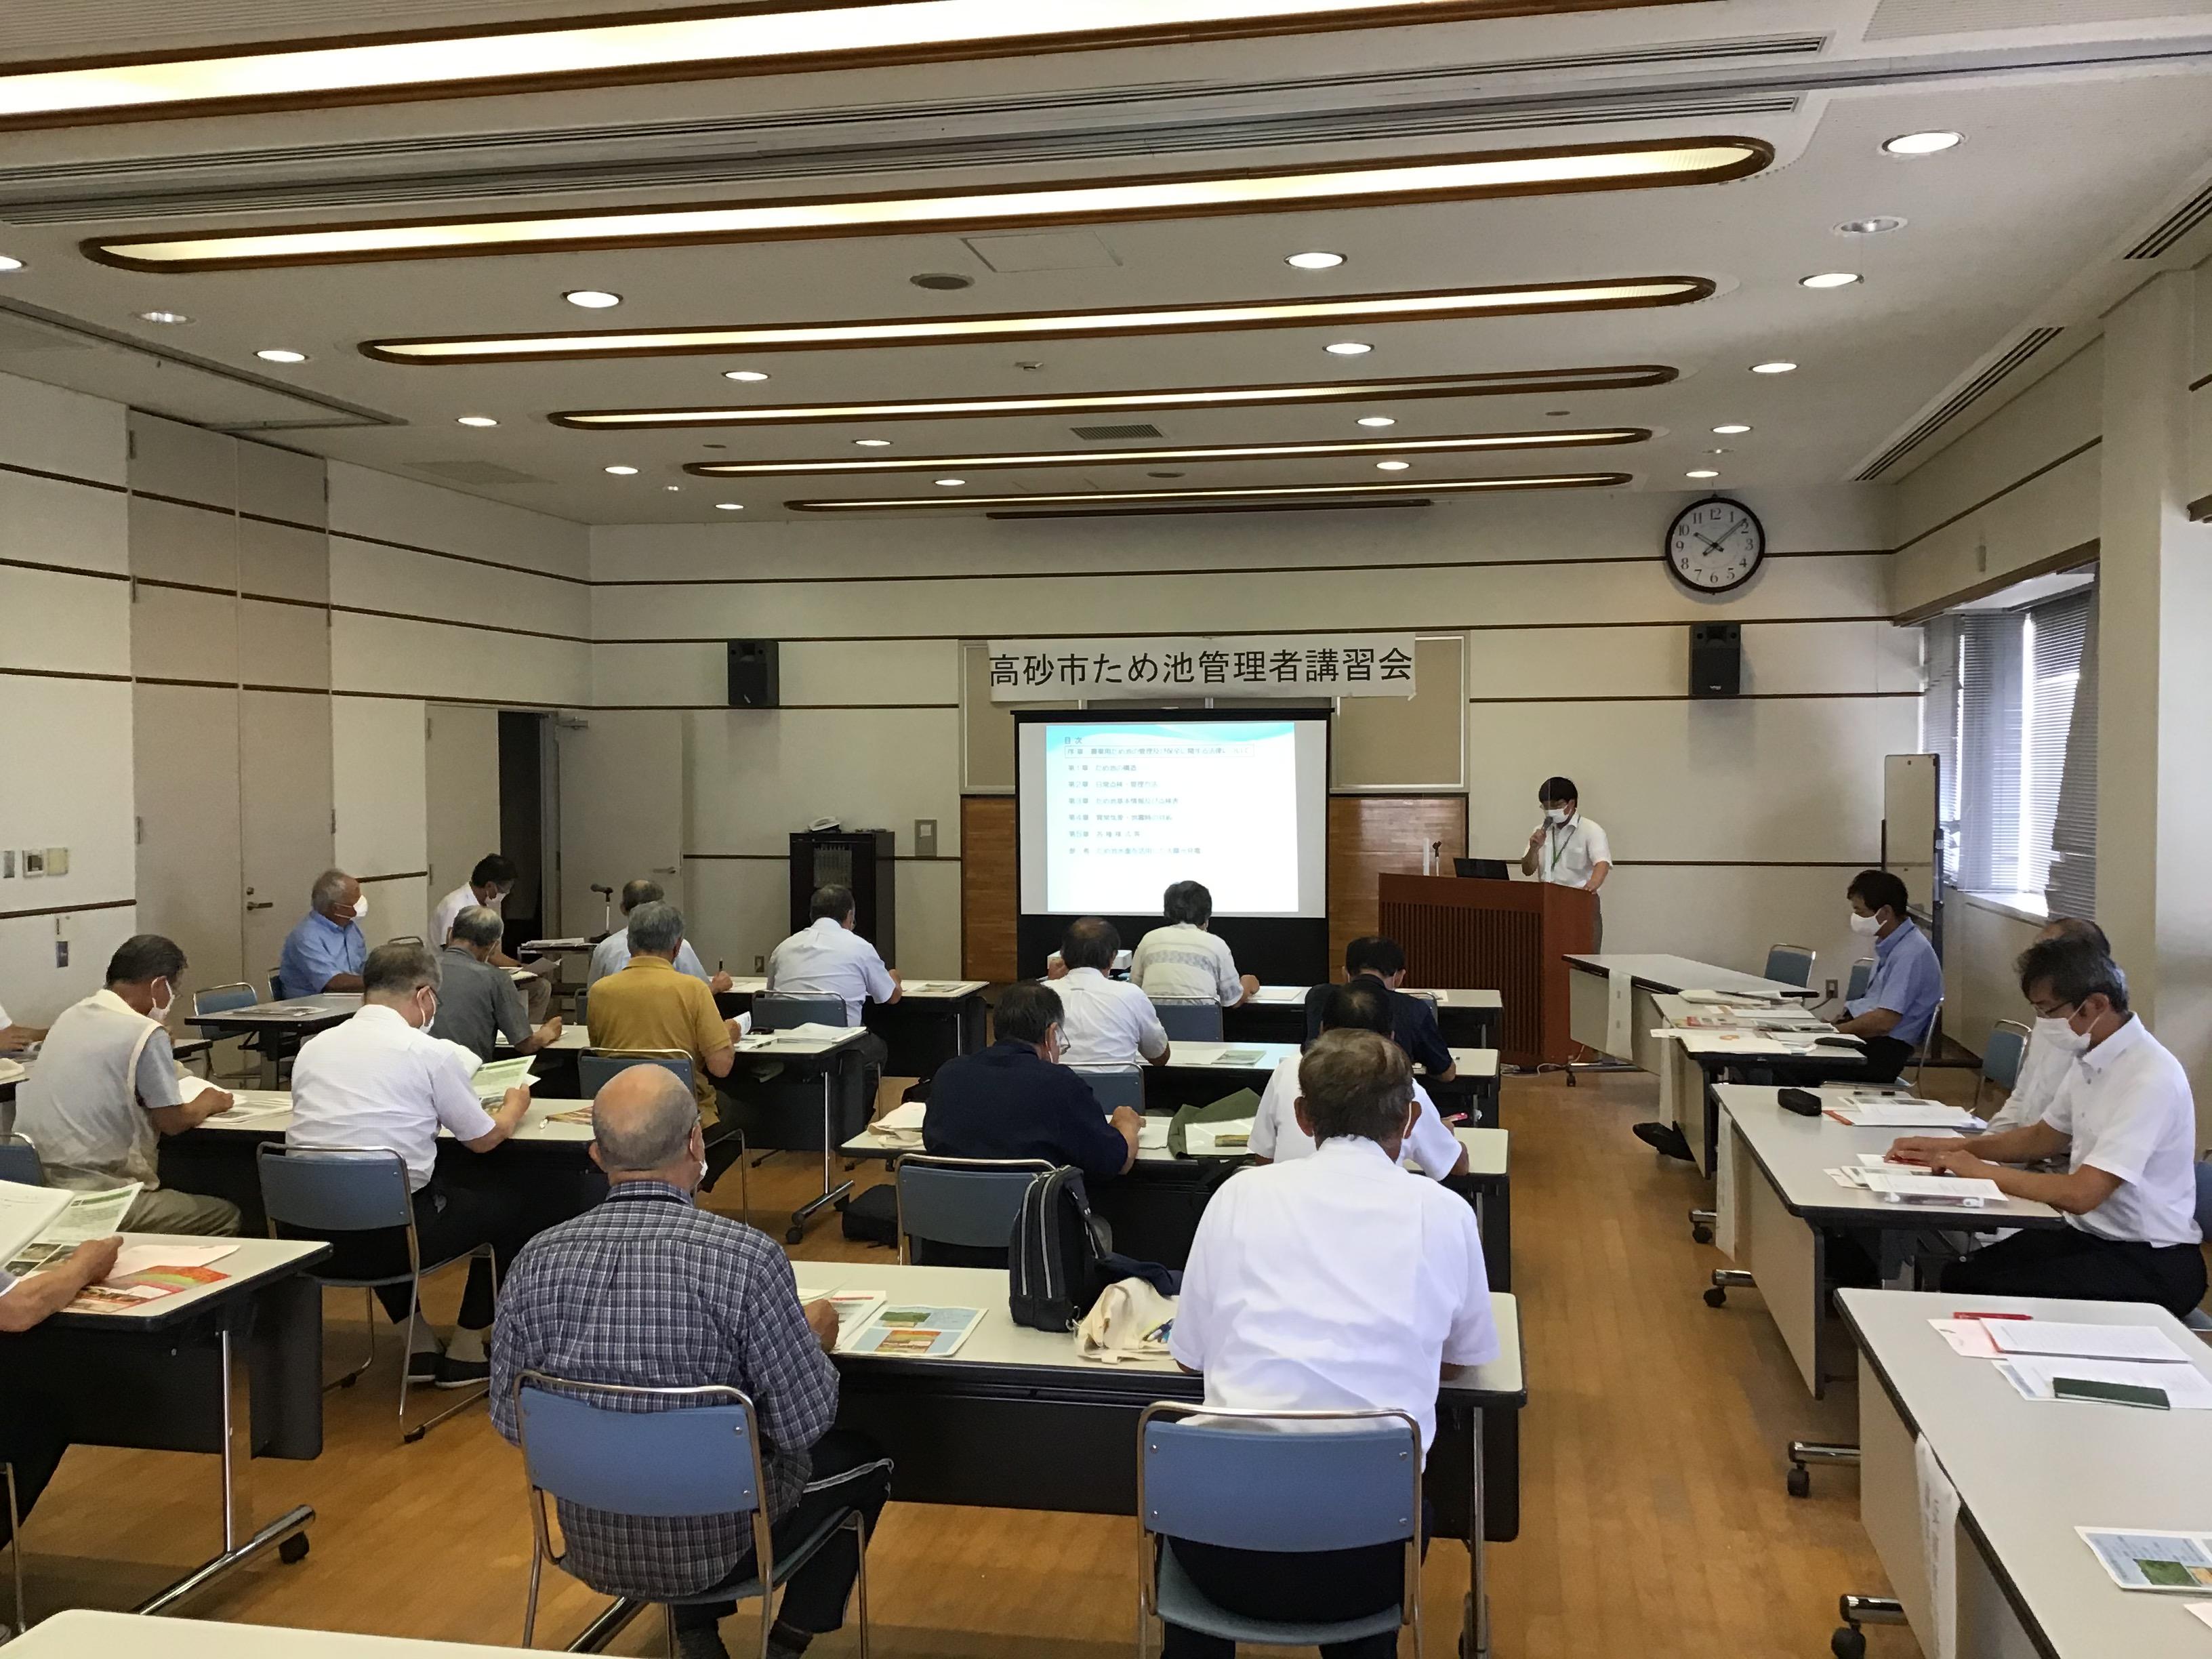 兵庫県土地改良事業団体連合会ため池サポートセンターの長谷川翔一技師が、ため池管理マニュアルの解説を主に講義されました。